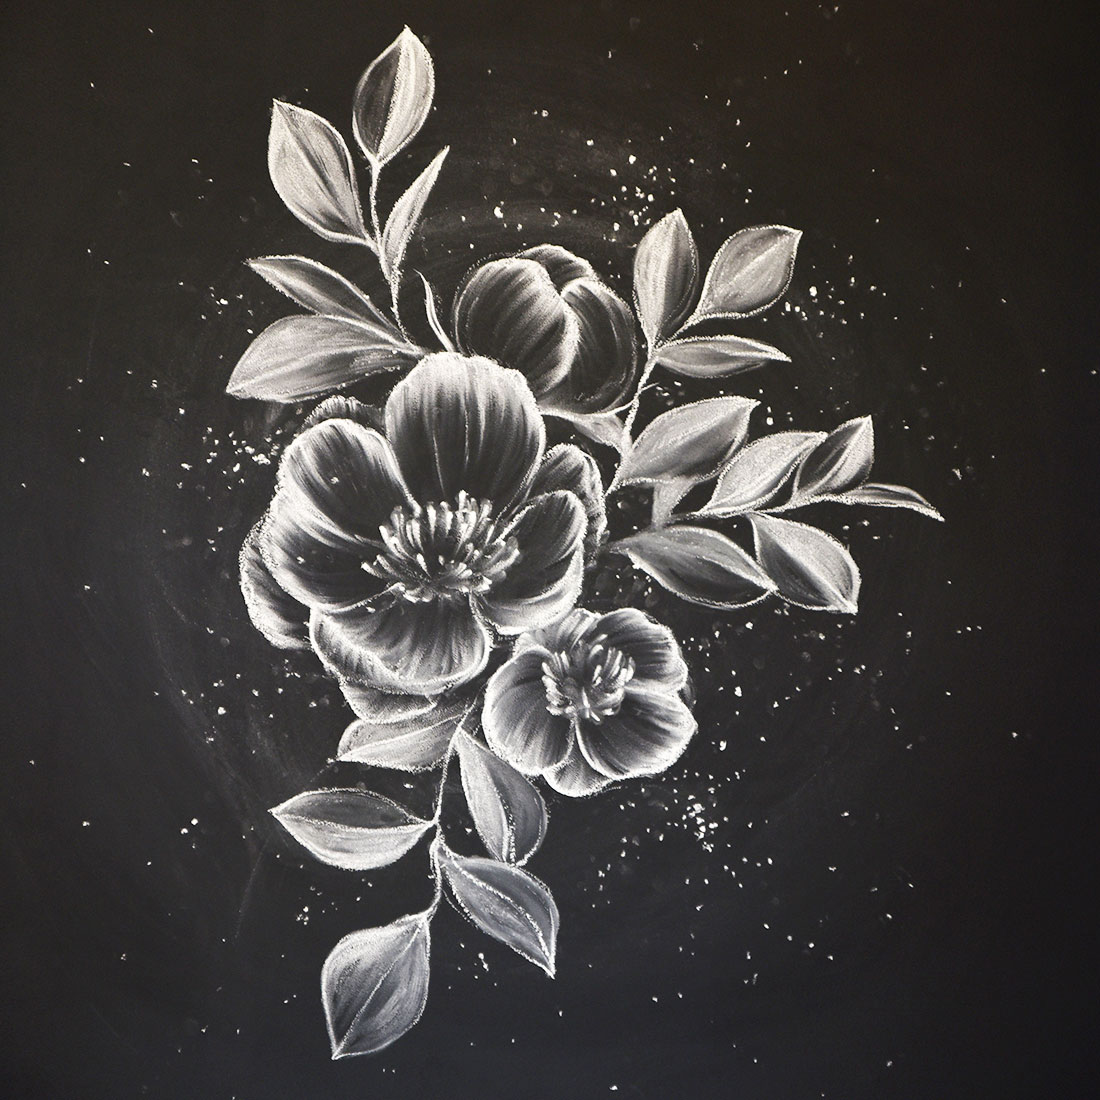 比如画向日葵,先在花瓣位置涂出黄色的色块,然后把黄粉笔磨尖,用描线